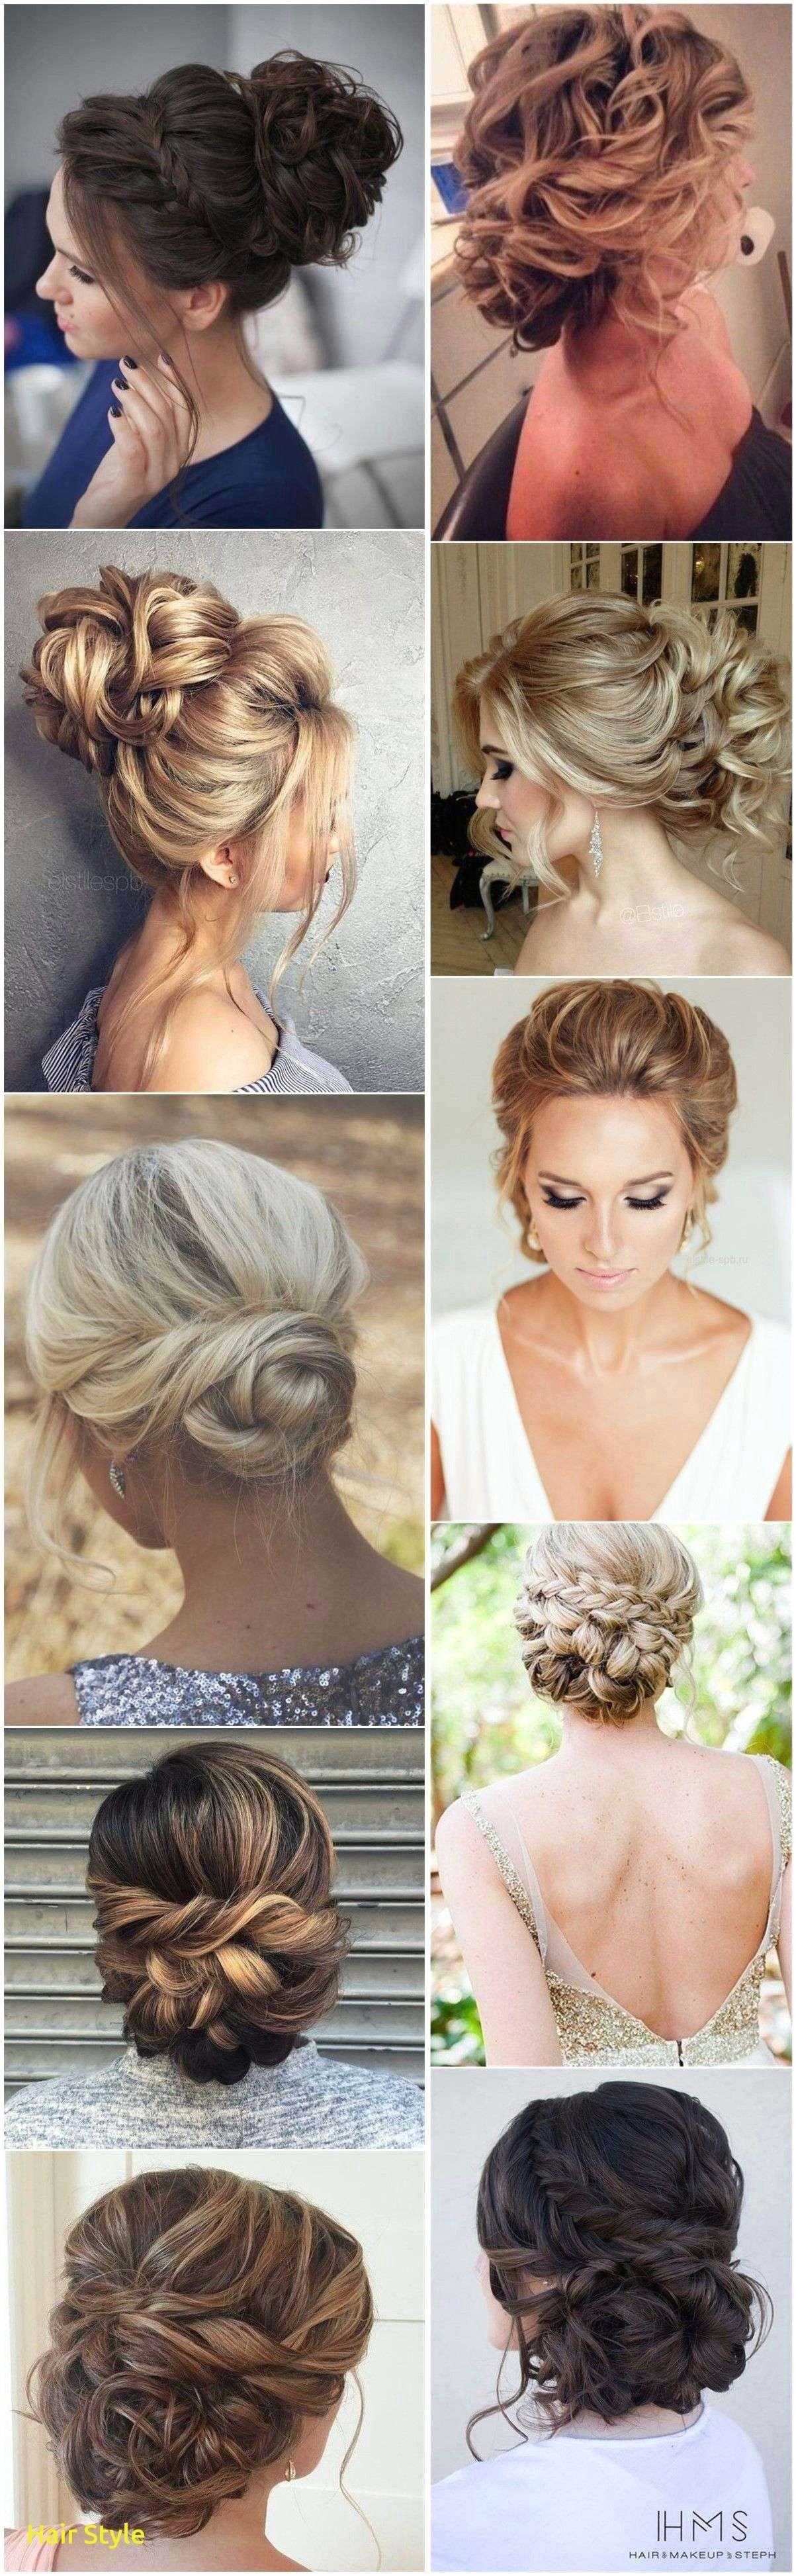 frisuren lange haare selber machen  Hochzeitsfrisuren lange haare